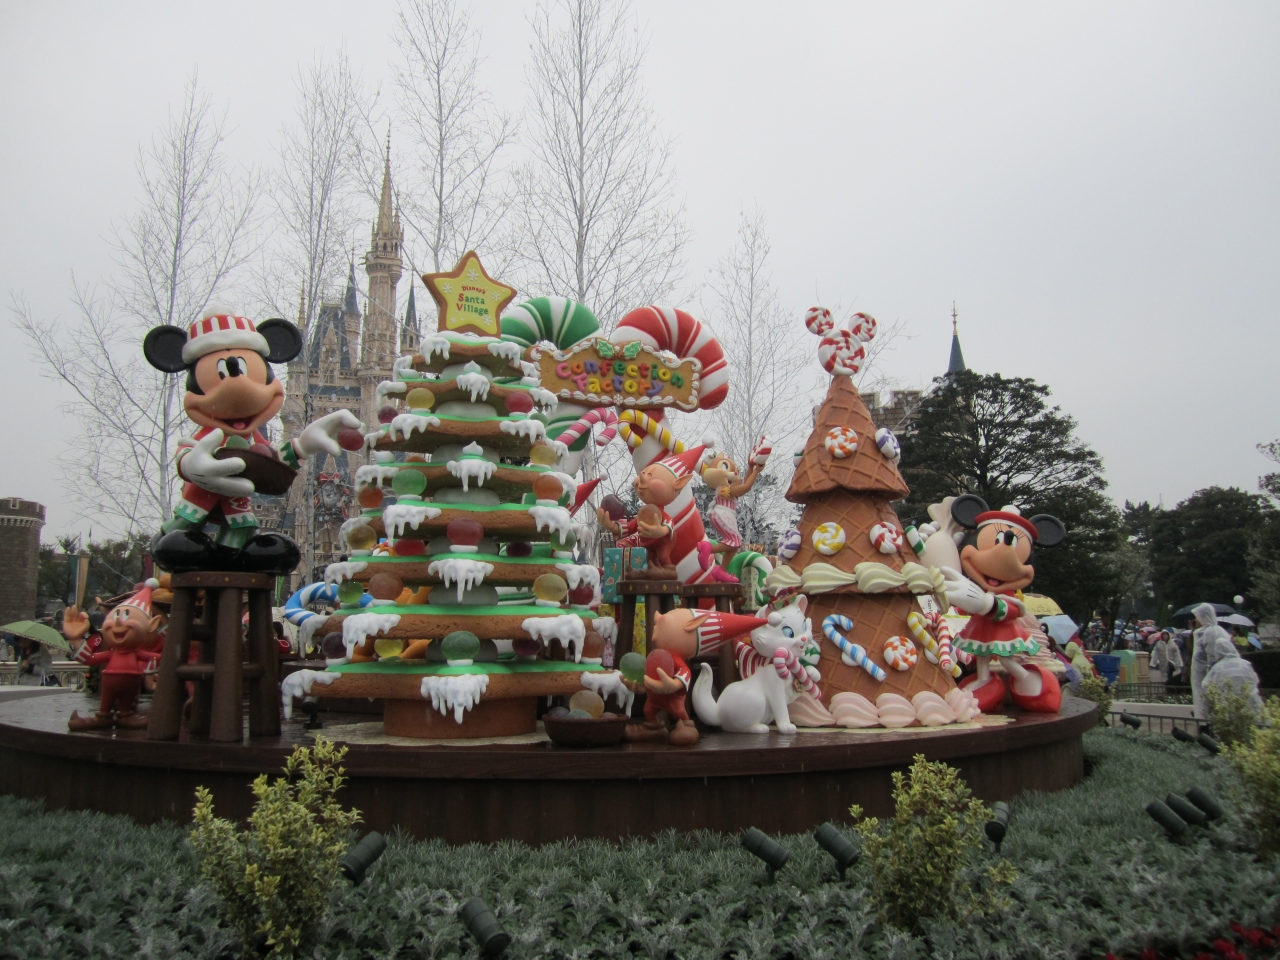 2012ディズニーアンド&シーのクリスマス』東京ディズニーリゾート